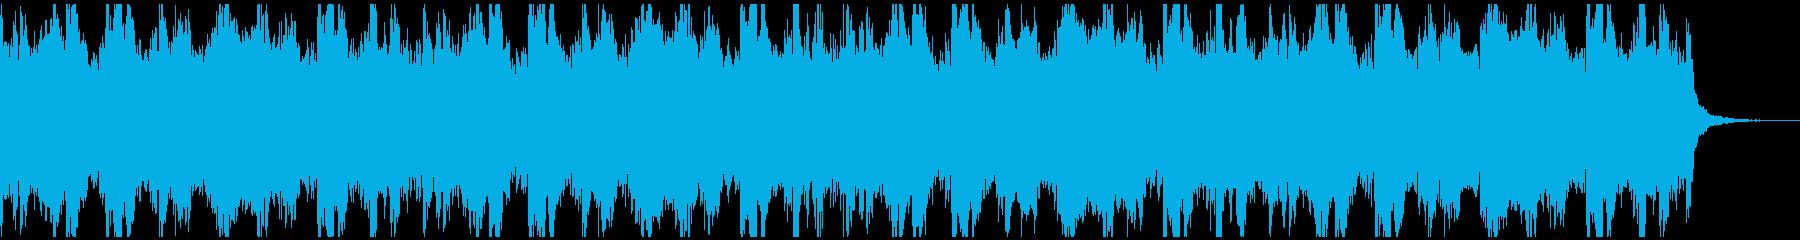 重厚感、ローディング、タイトル向けの再生済みの波形